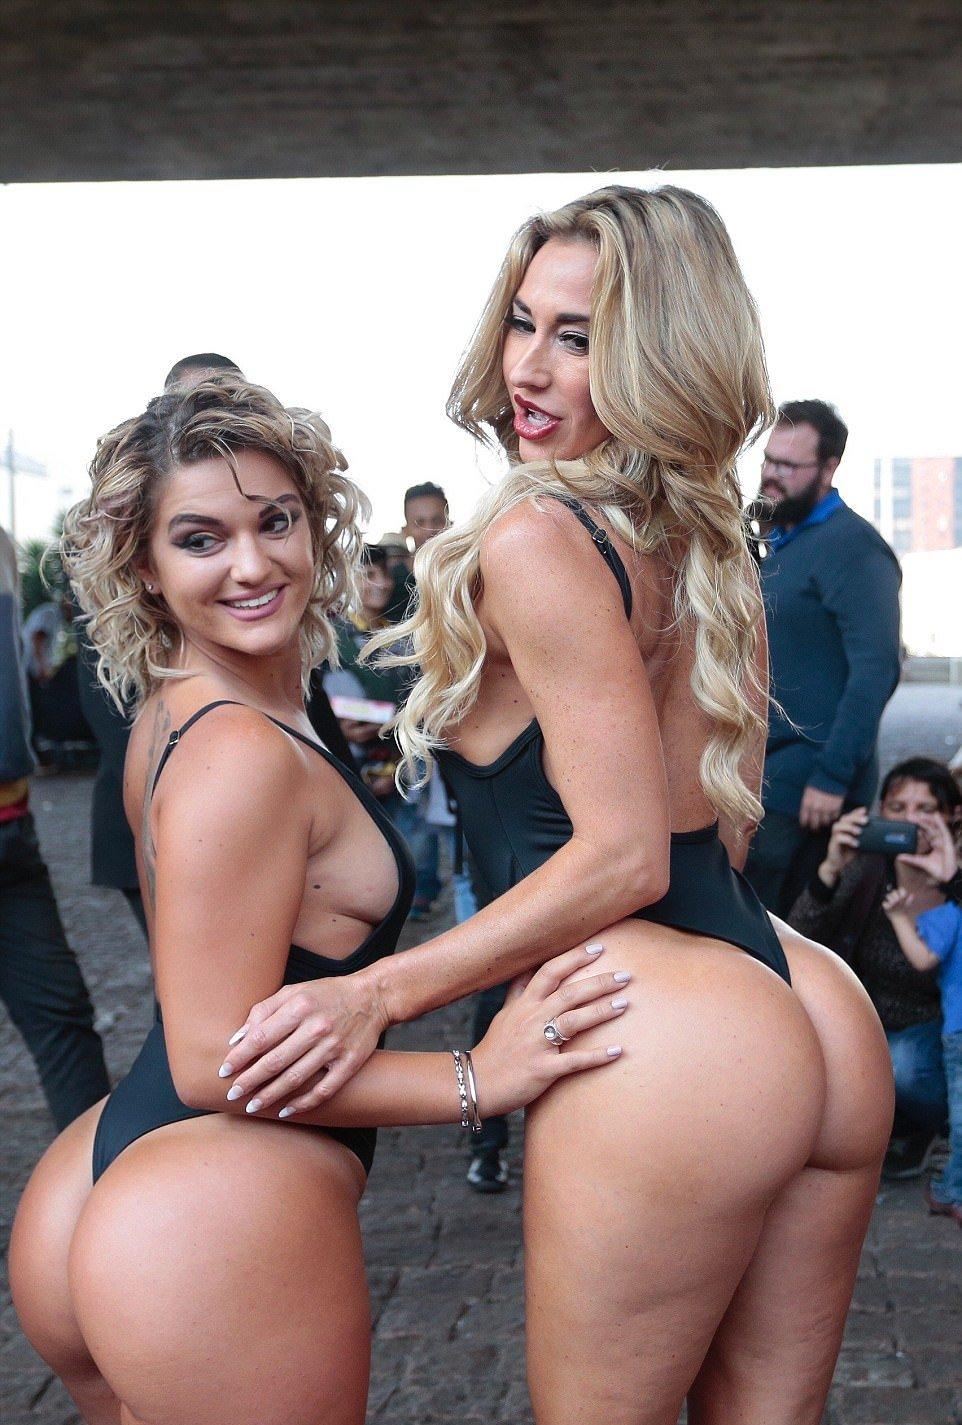 """Конкурсантки """"Мисс Бум-Бум"""" на звание лучшей попы Бразилии, прошлись по улице"""